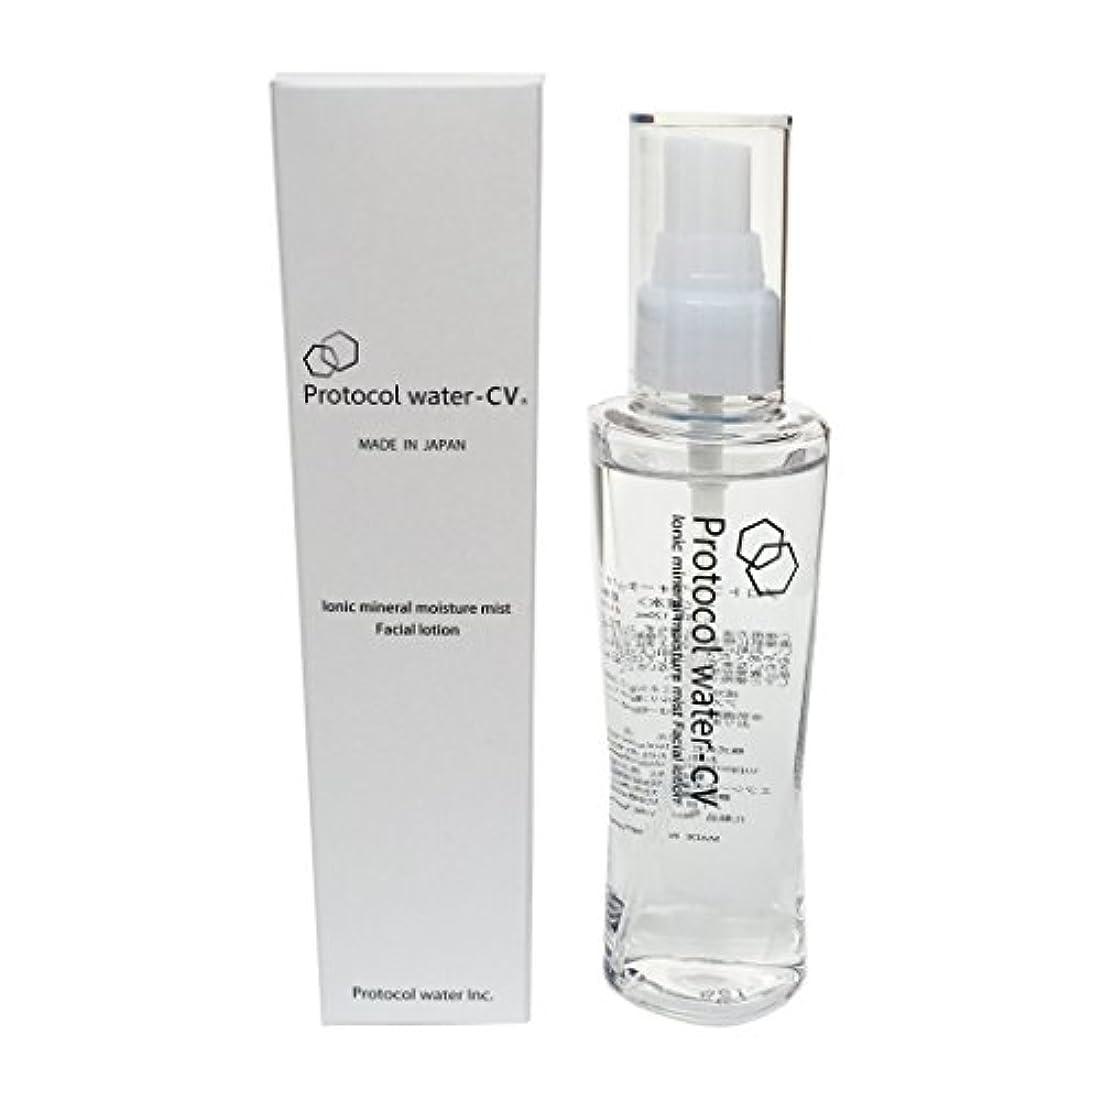 手がかりくすぐったいラジカルProtocol water CV Ionic's mineral moisture mist Facial lotion / プロトコル ウォーター CV